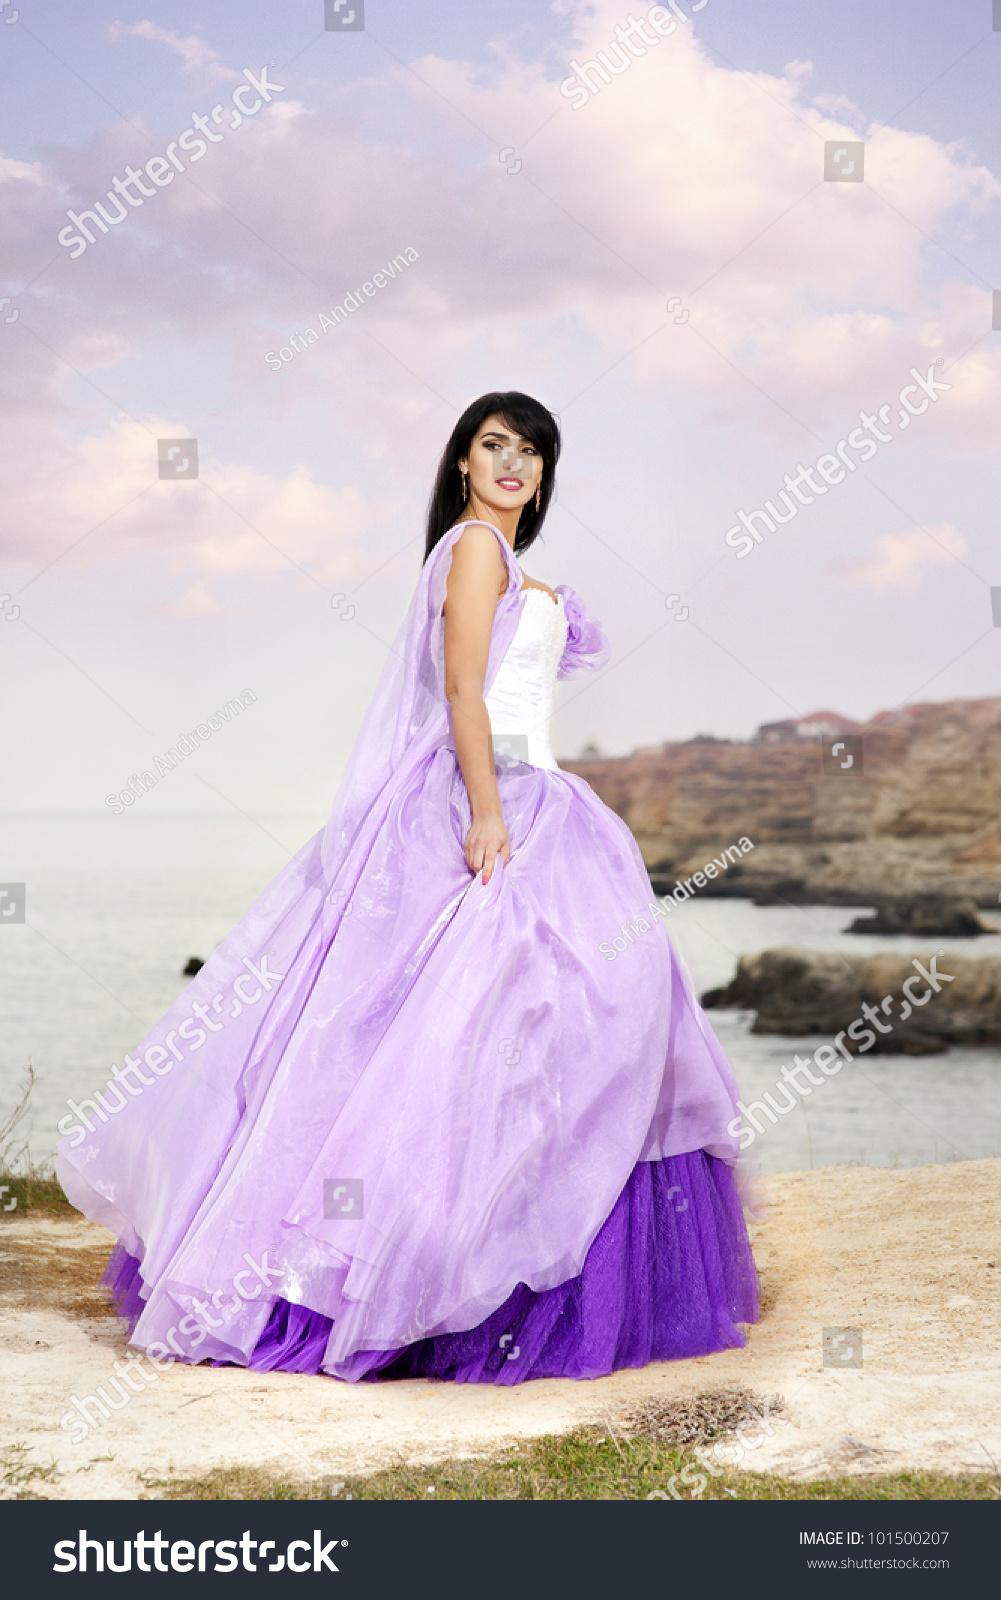 微信头像海边婚纱